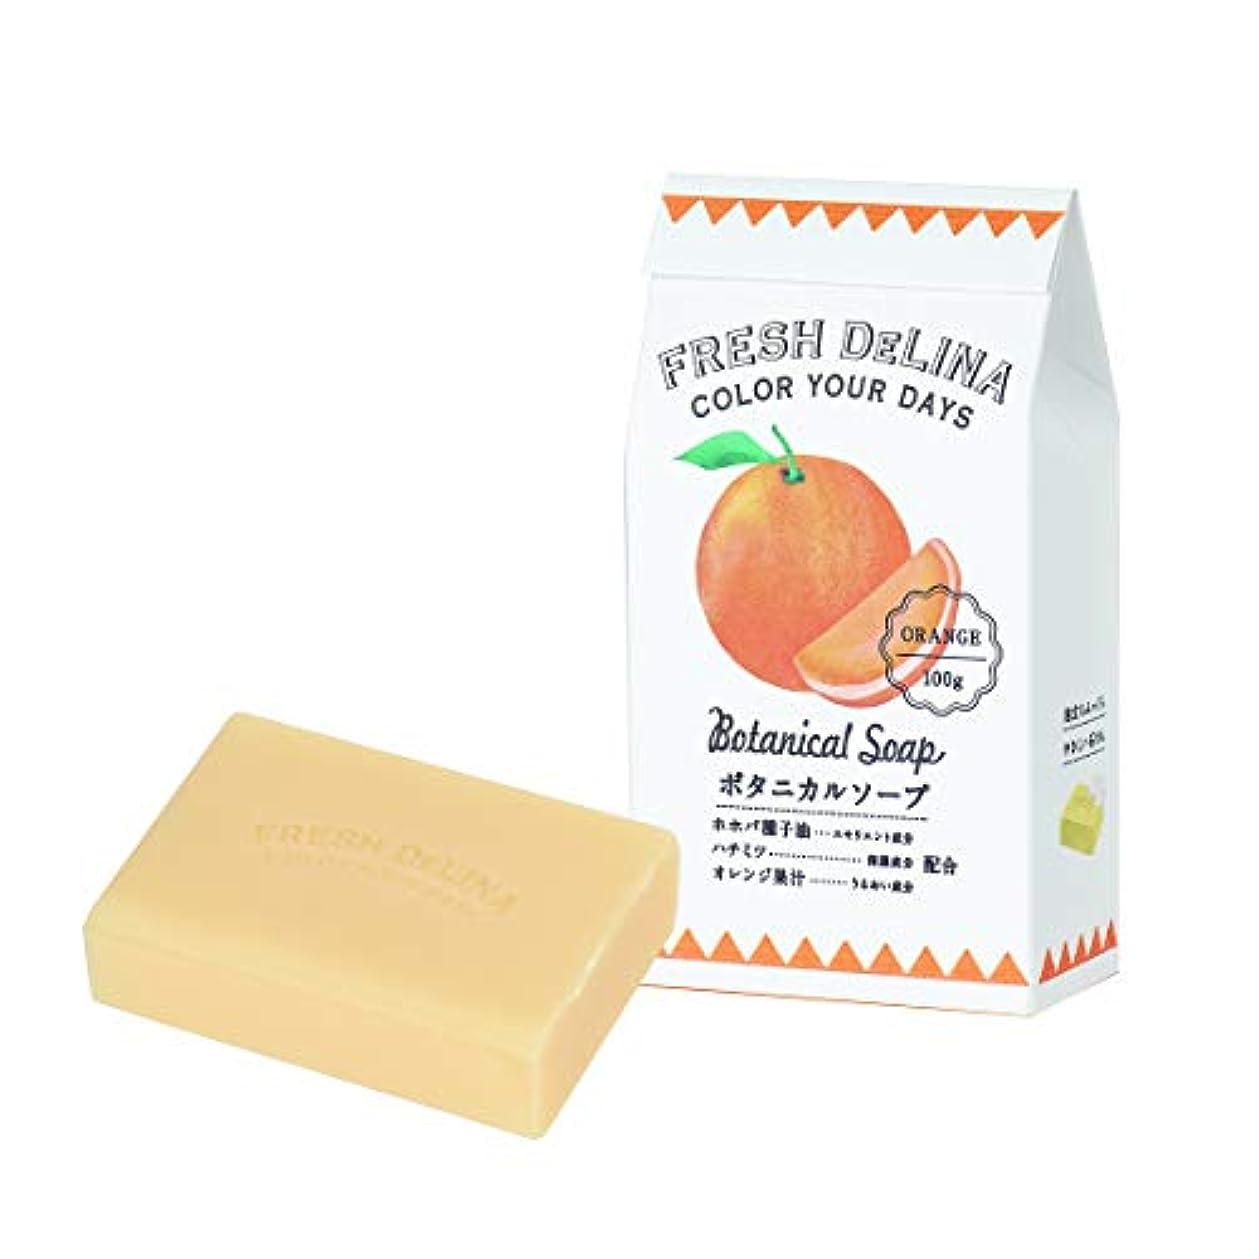 老朽化した自動的に輝くフレッシュデリーナ ボタニカルソープ オレンジ 100g